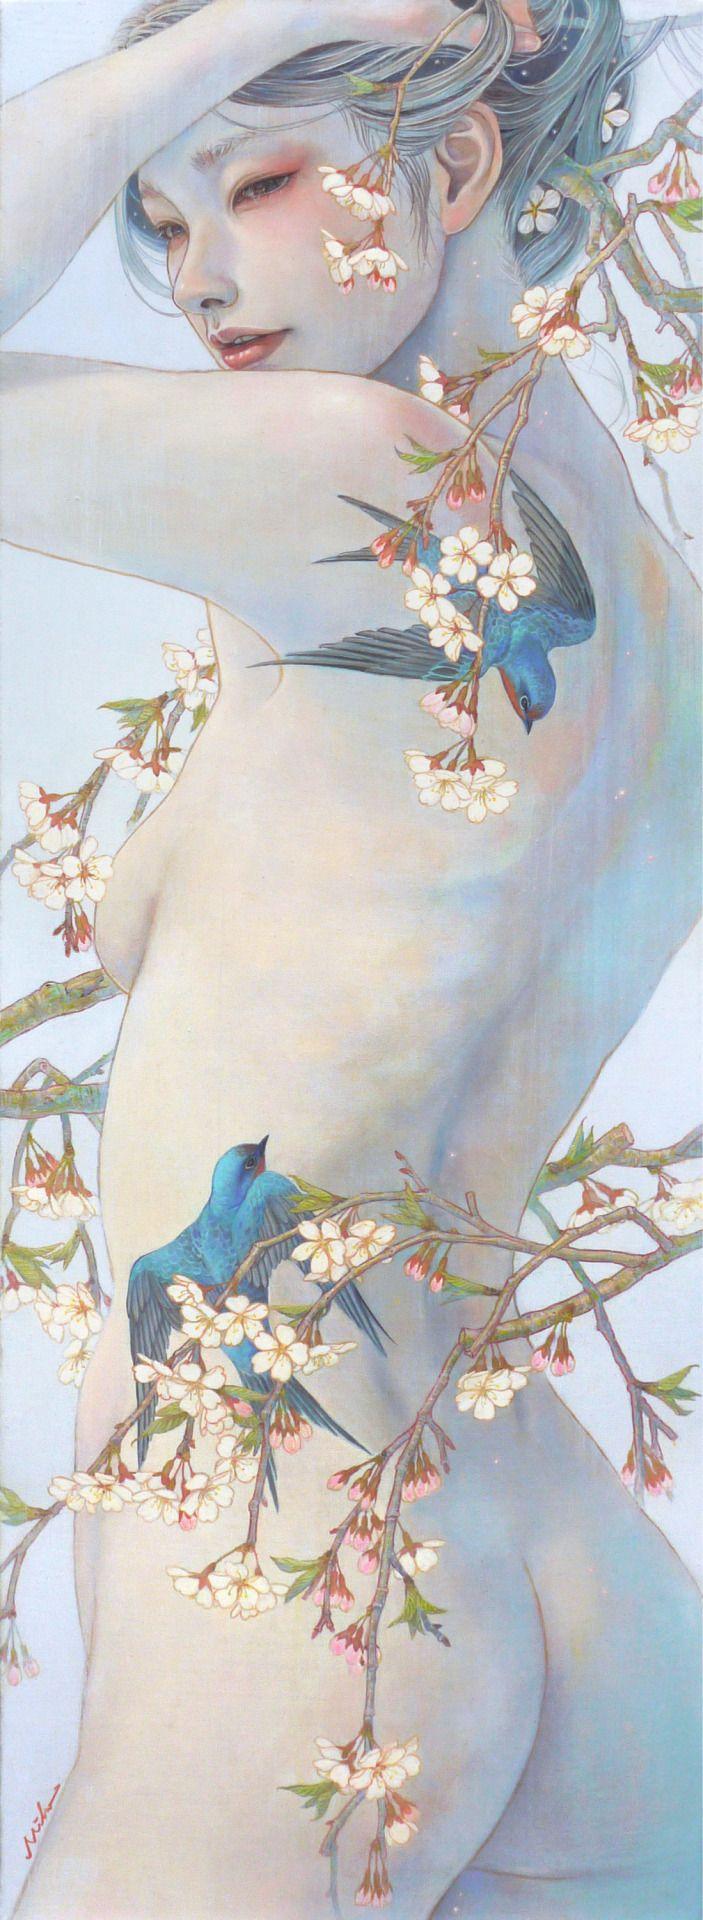 MIHO HIRANOhttp://mihohirano.strikingly.com